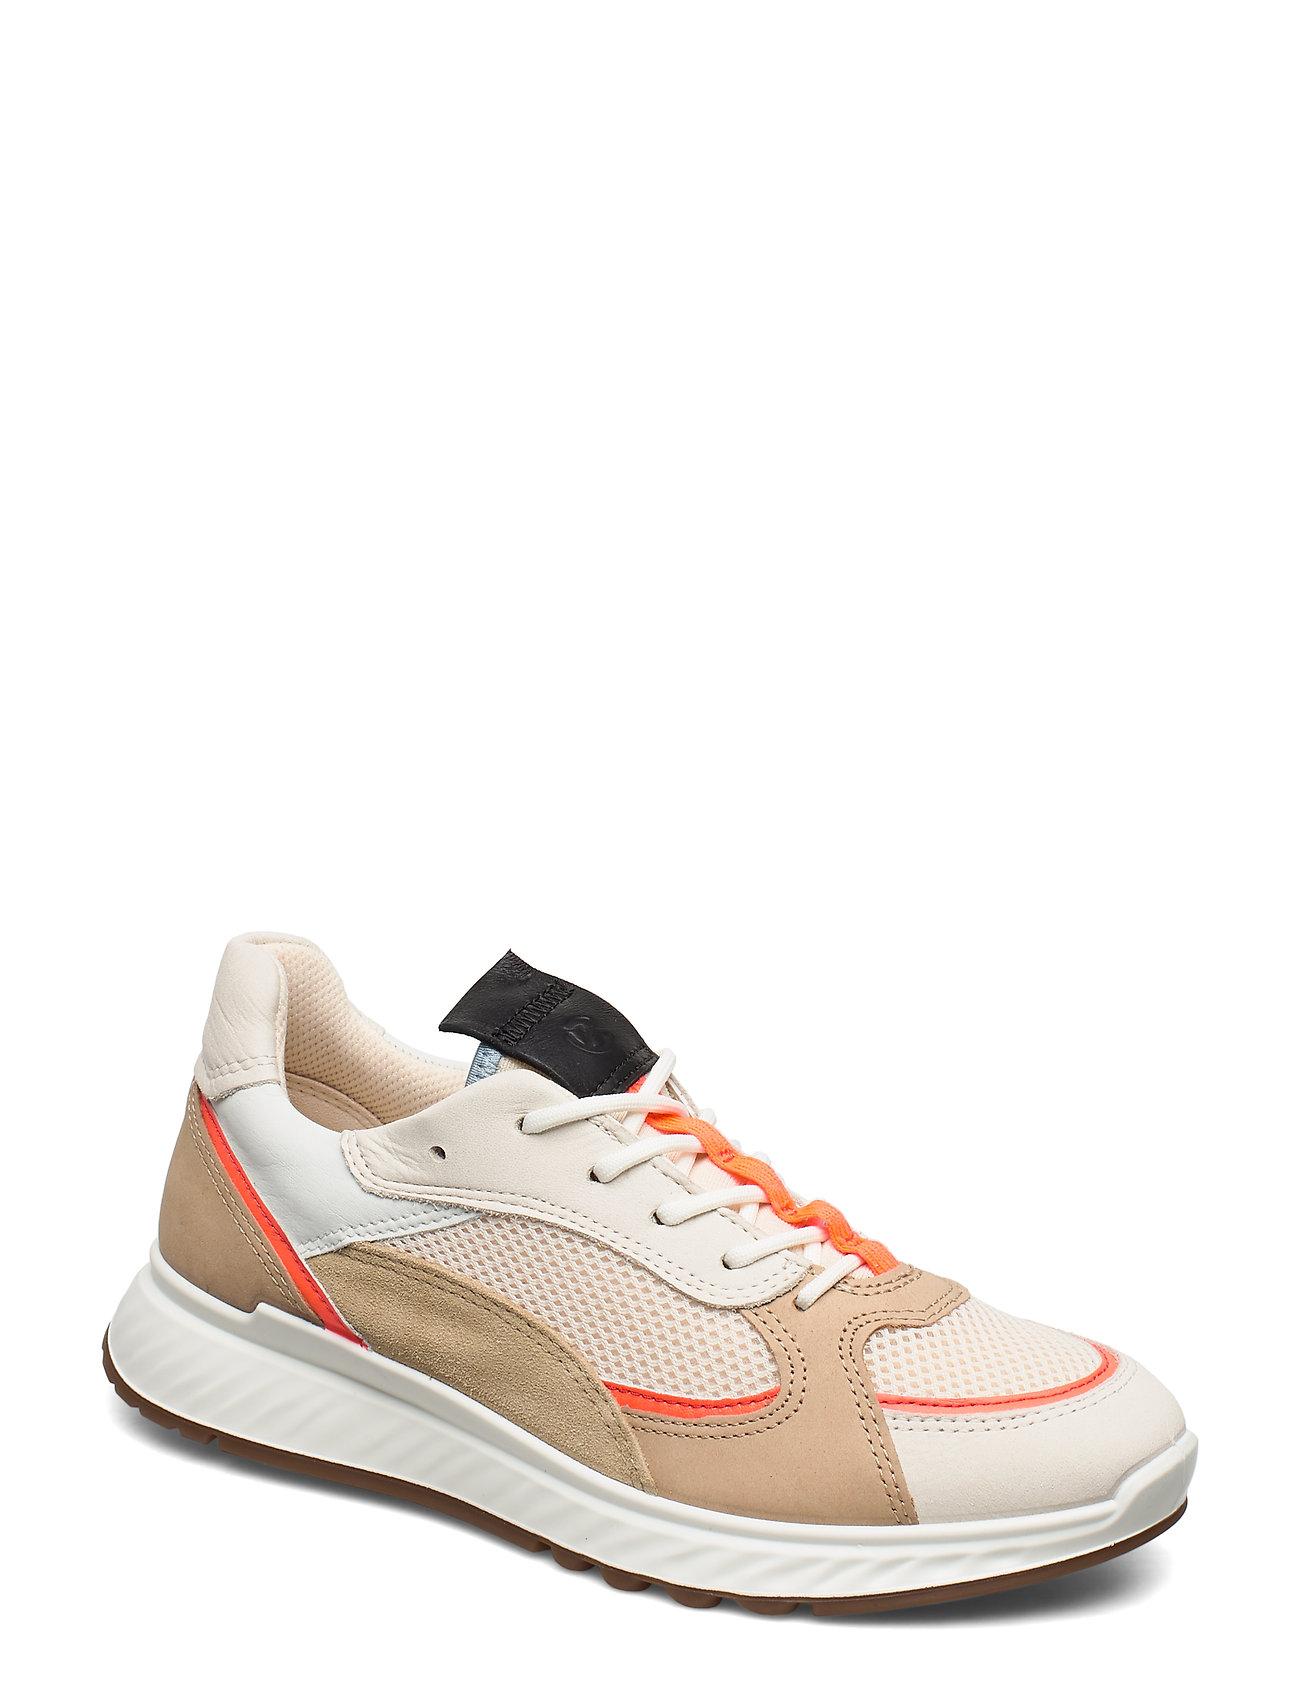 Image of St.1 W Low-top Sneakers Beige ECCO (3309075301)